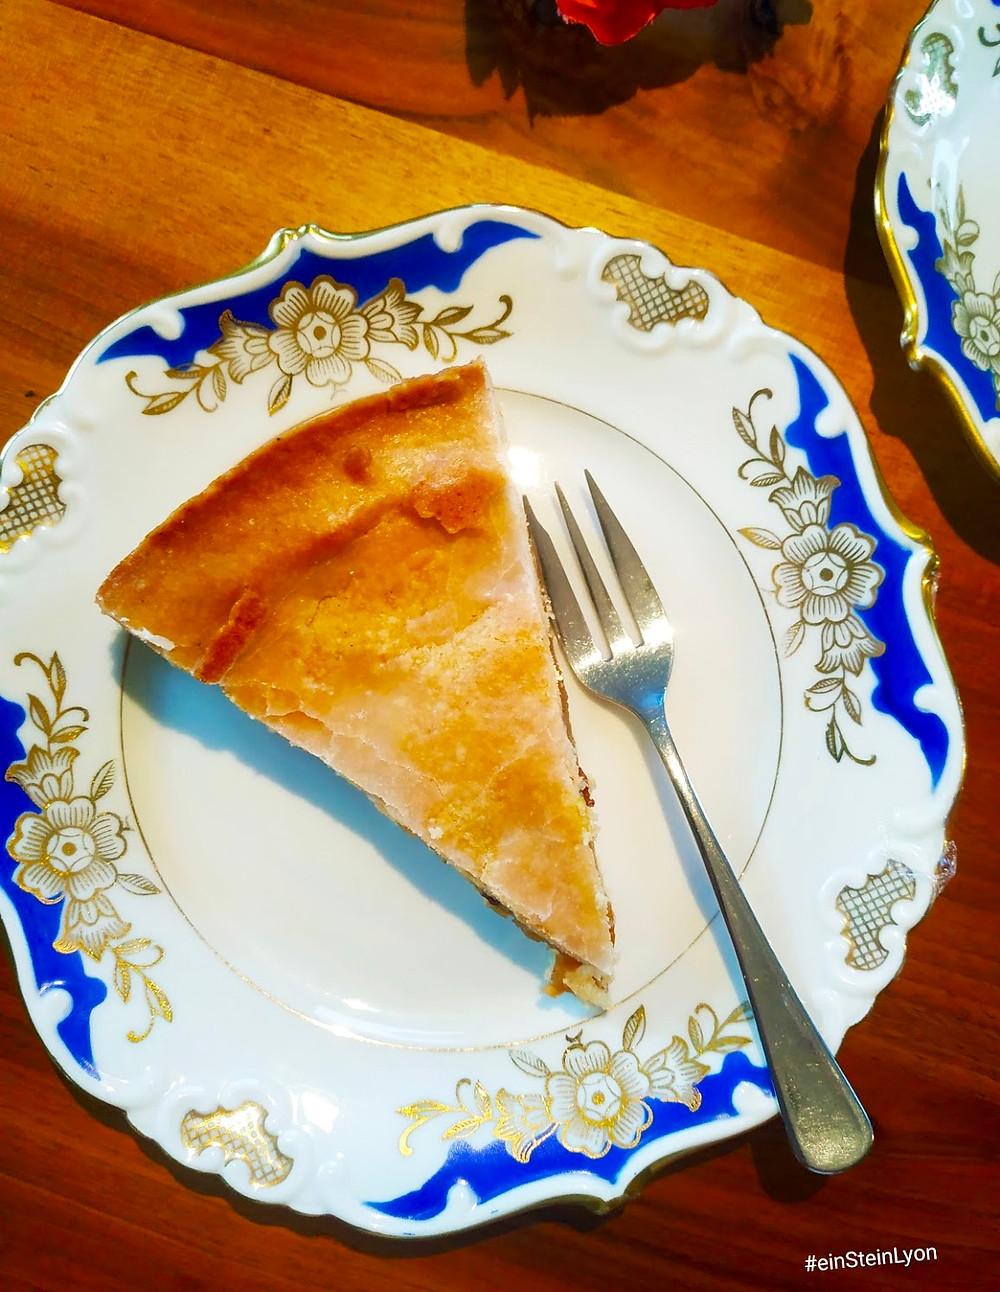 gedeckter Apfelkuchen, Apple Pie